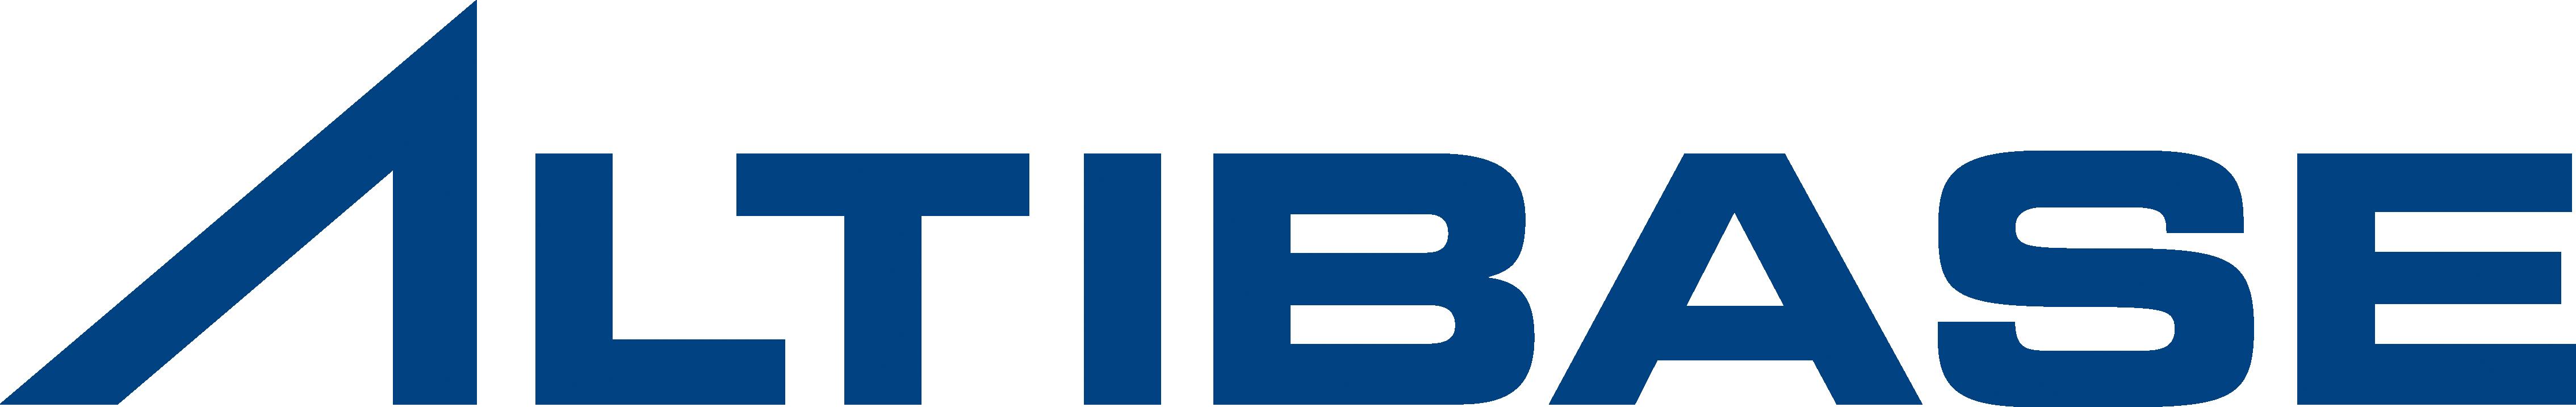 알티베이스(대표 장재웅)는 일본 유통 전문 회사의 판매관리시스템에 데이터베이스관리시스템(DBMS)을 공급했다고 17일 밝혔다.